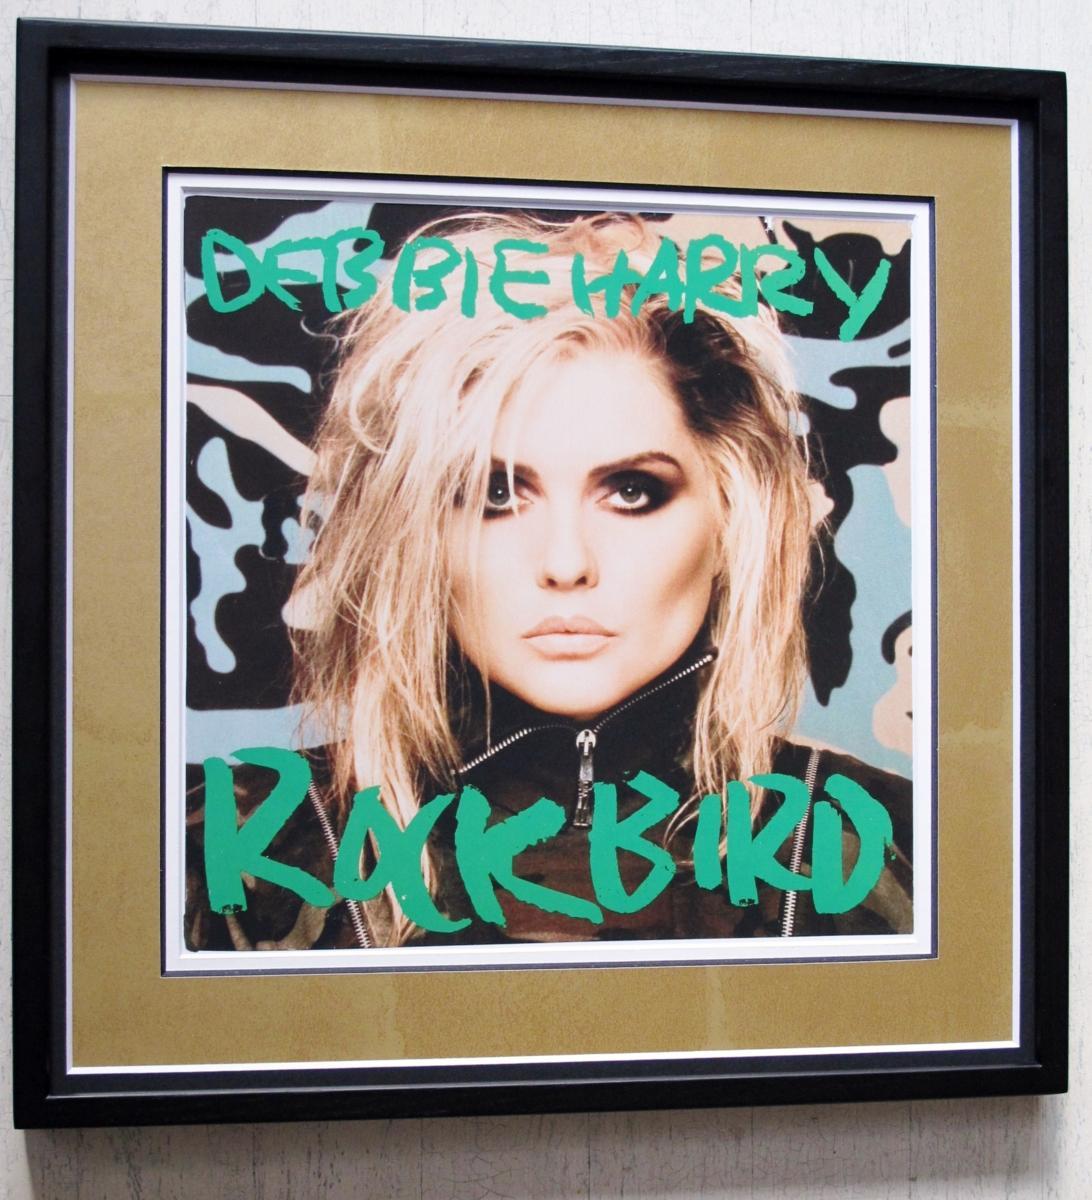 デボラ・ハリー/ブロンディ/名盤レコジャケ額入り/Deborah Harry/Rockbird/ウォーホル額入り/Warhol/Blondie/Framed Deborah Harry